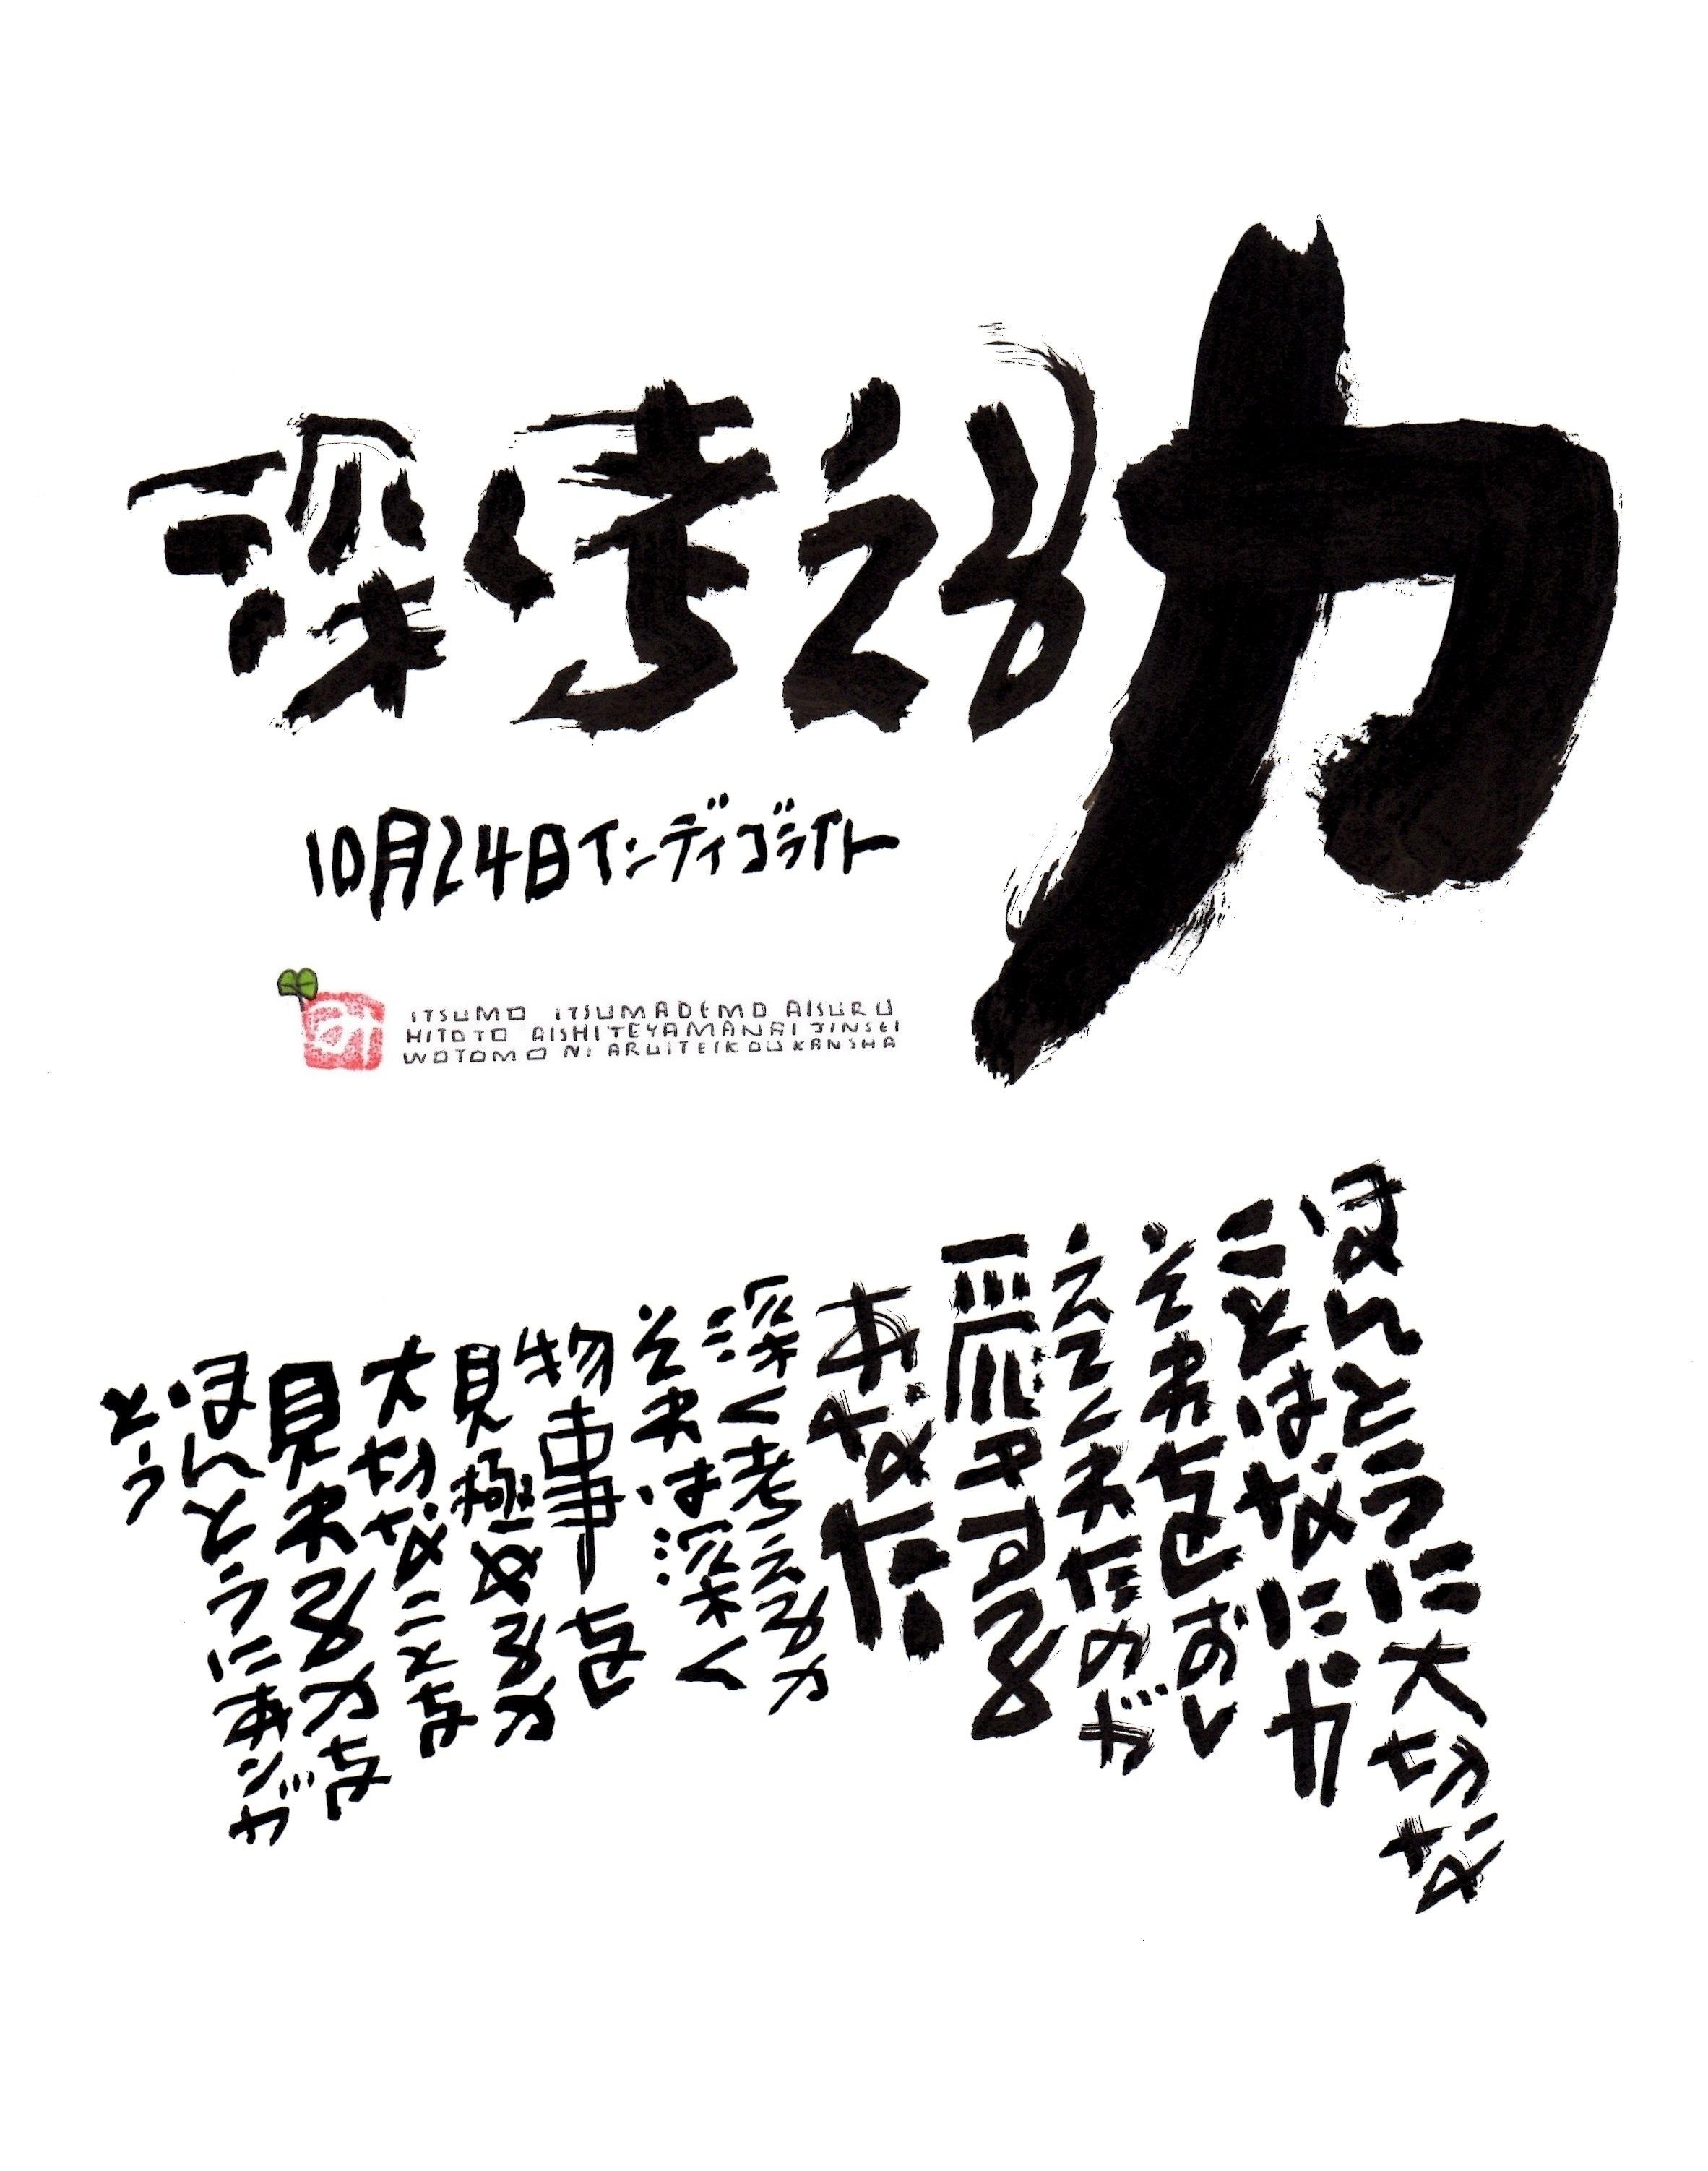 10月24日 結婚記念日ポストカード【深く考える力】